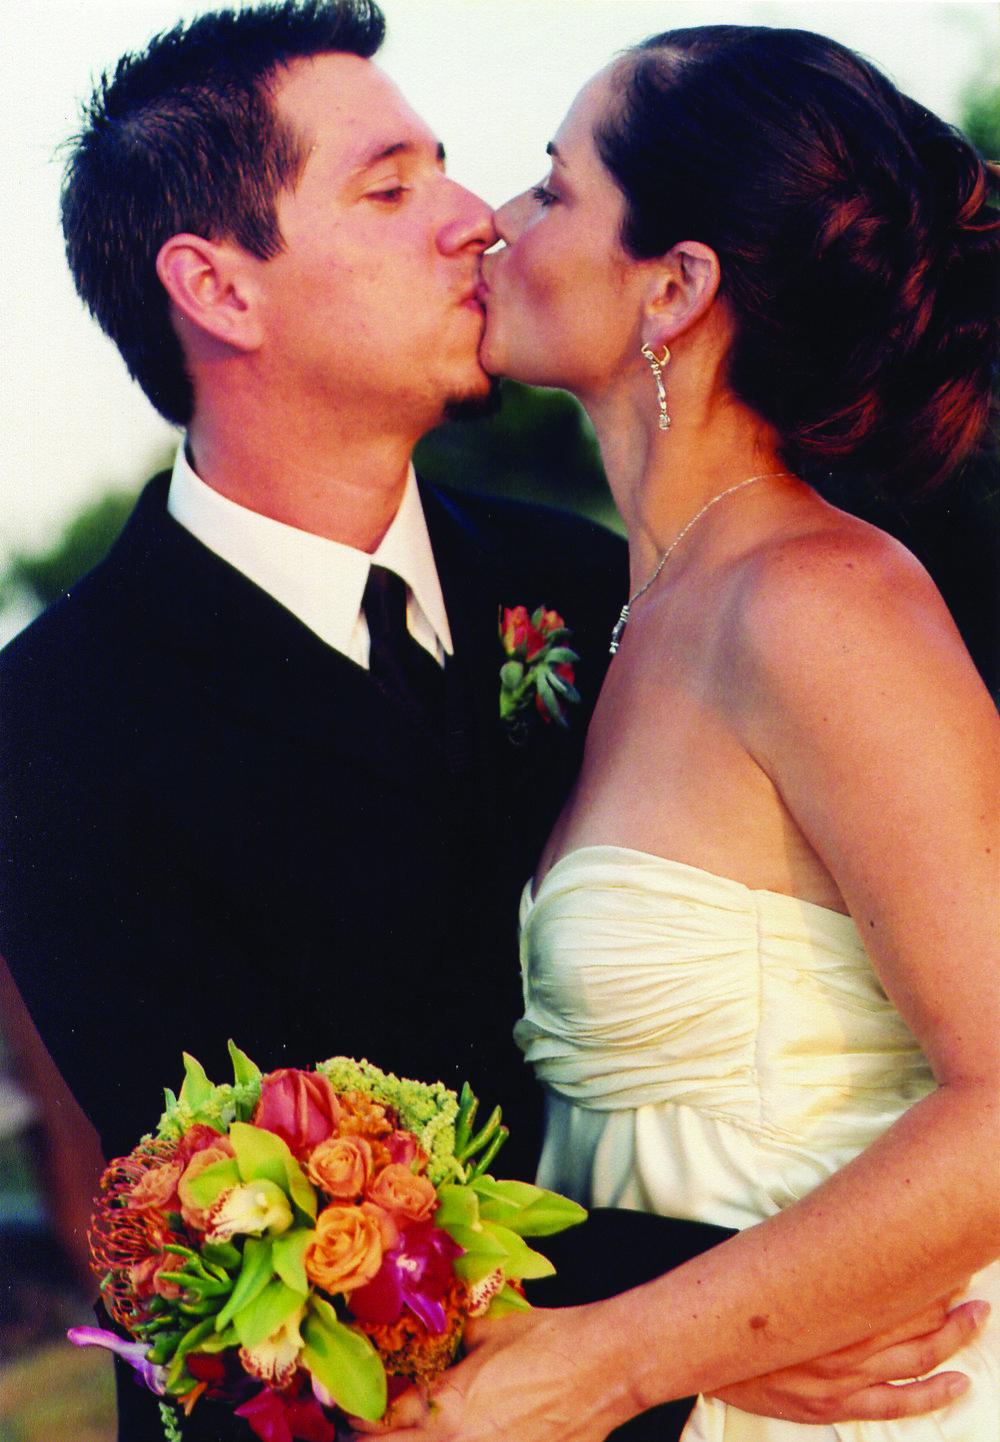 celeste_wedding5.jpg